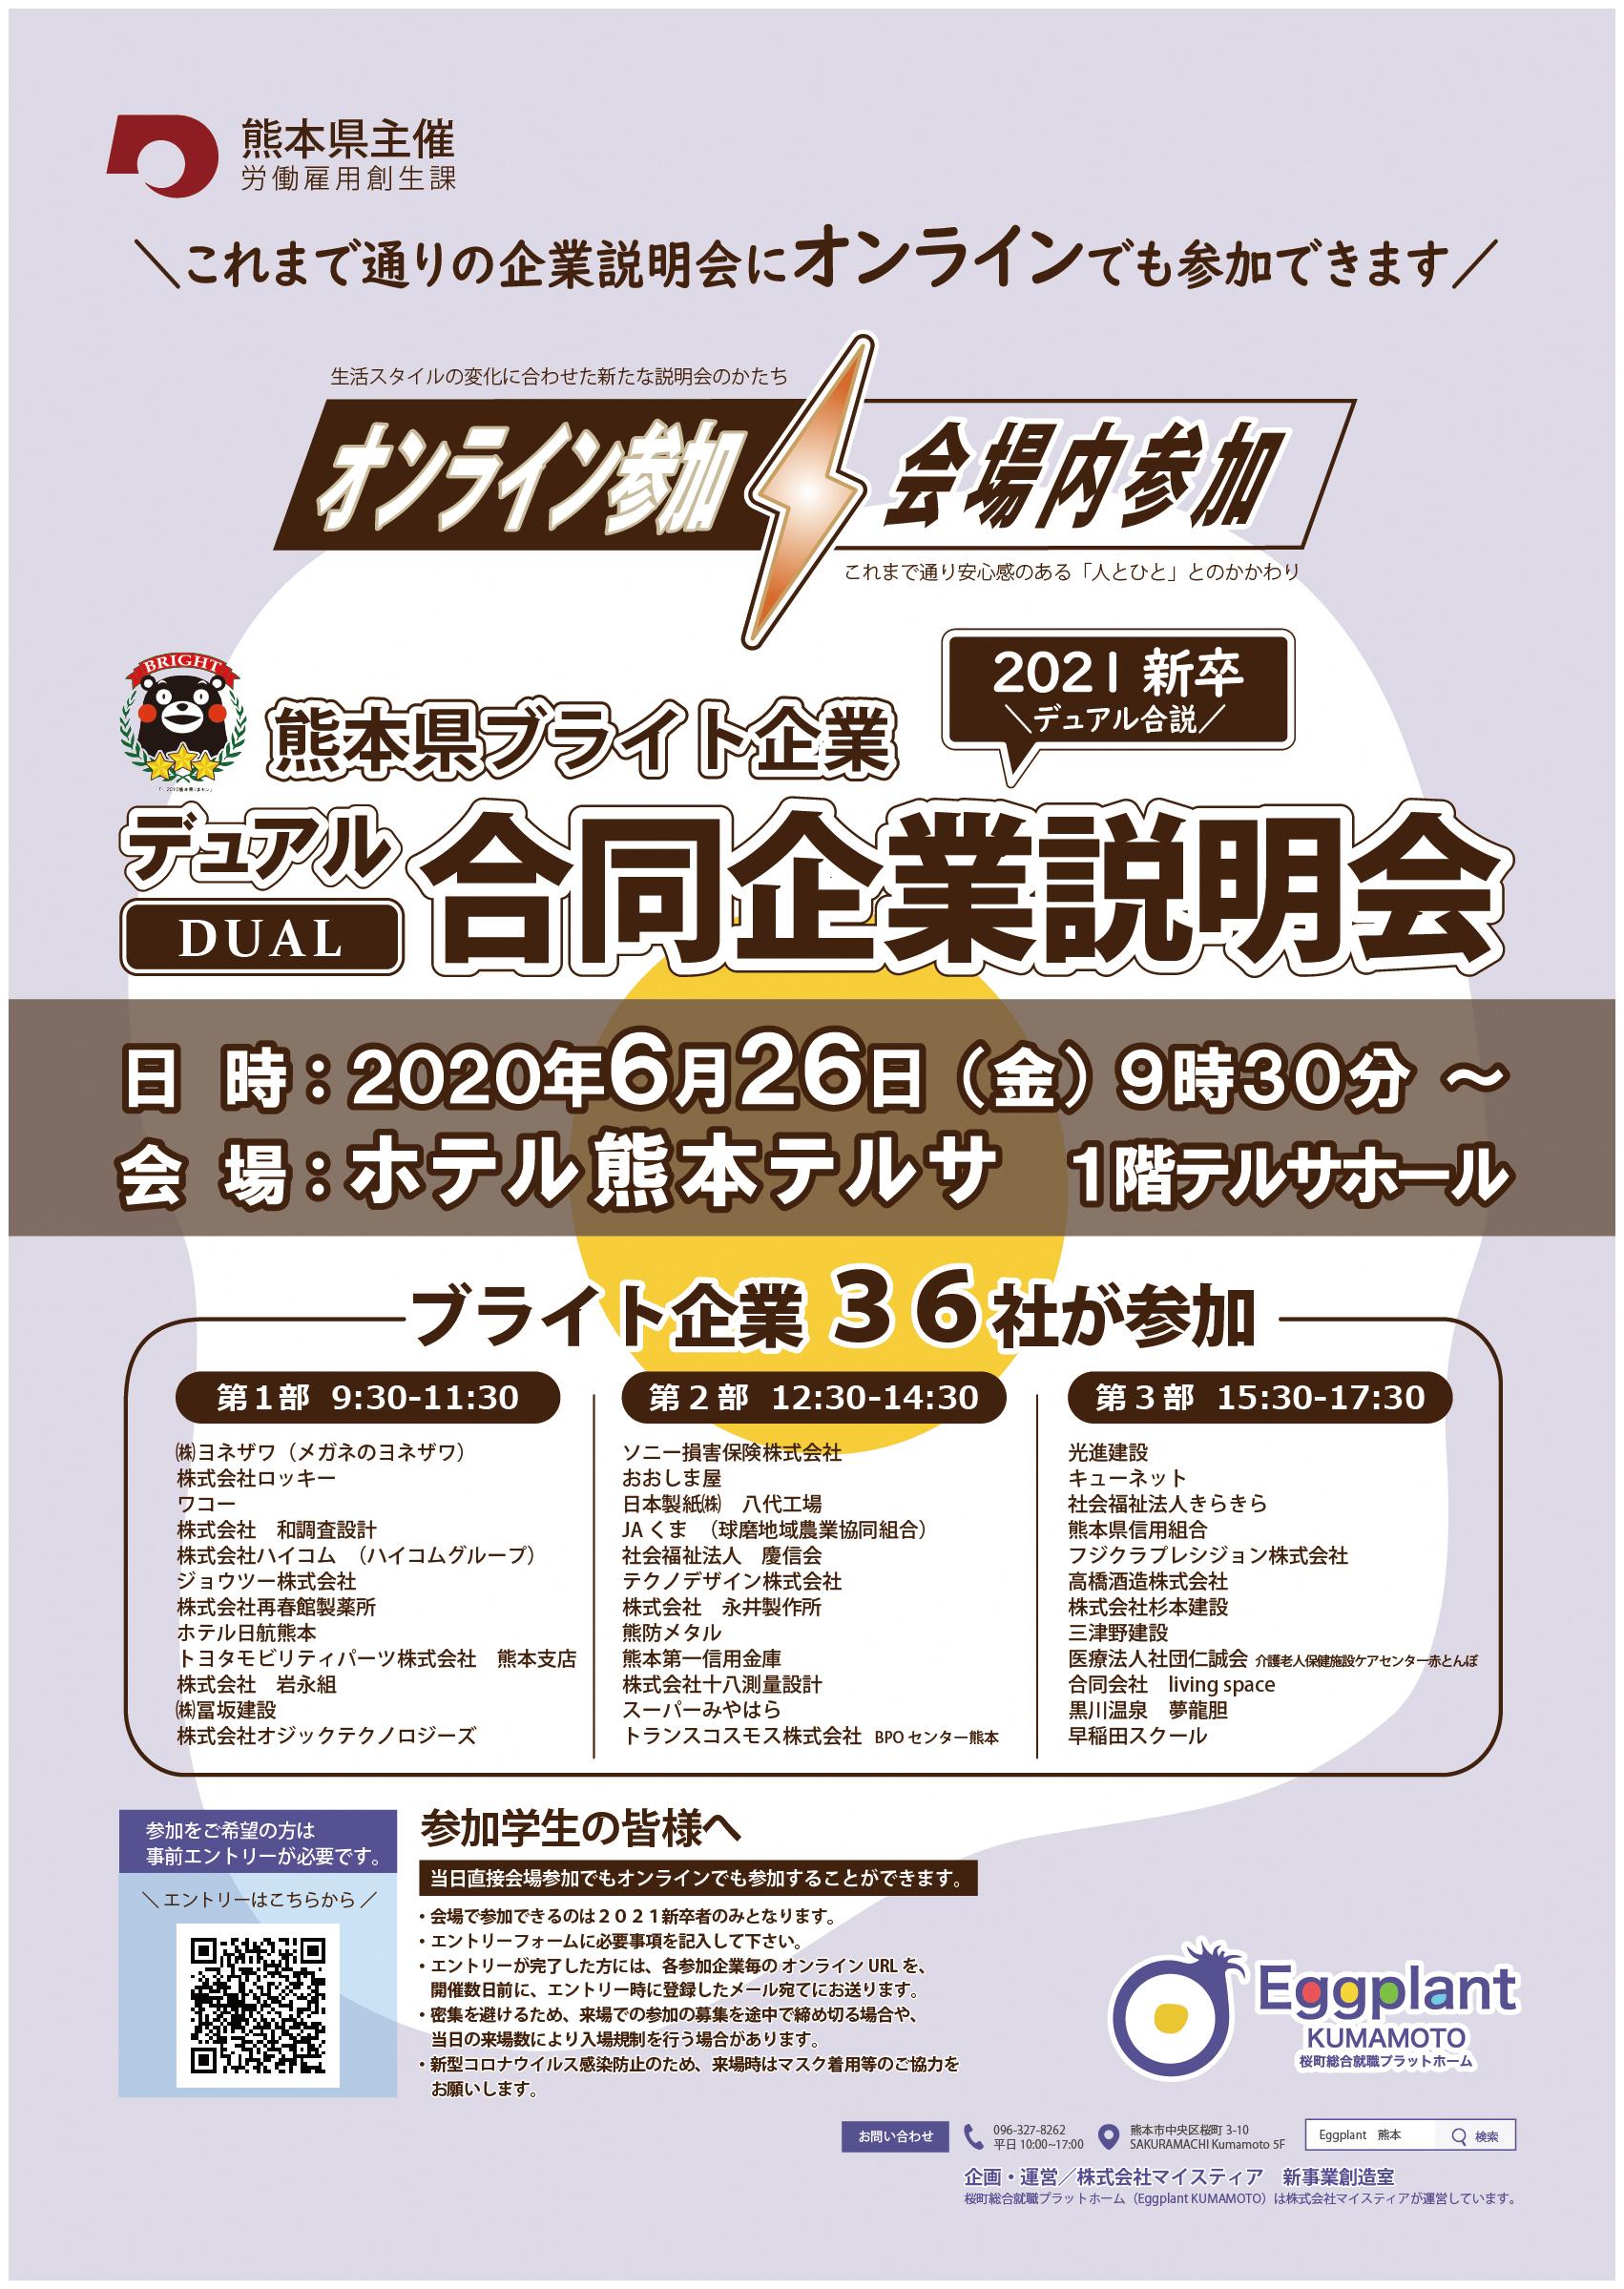 熊本県ブライト企業 2021新卒 デュアル合同企業説明会